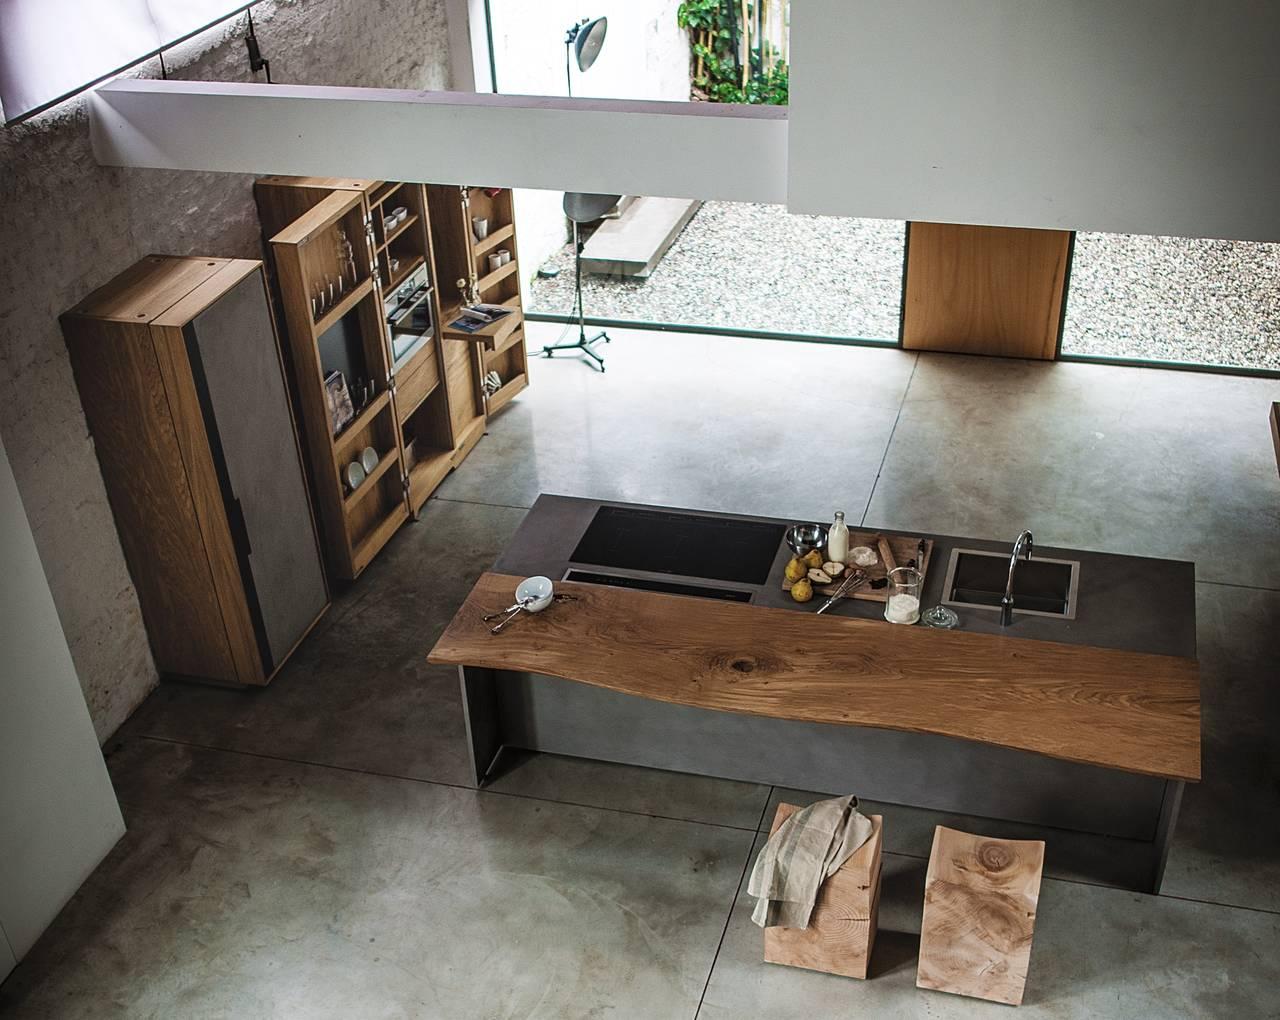 Riva 1920 un 39 azienda fondata sulla passione per il legno for Aziende cucine design